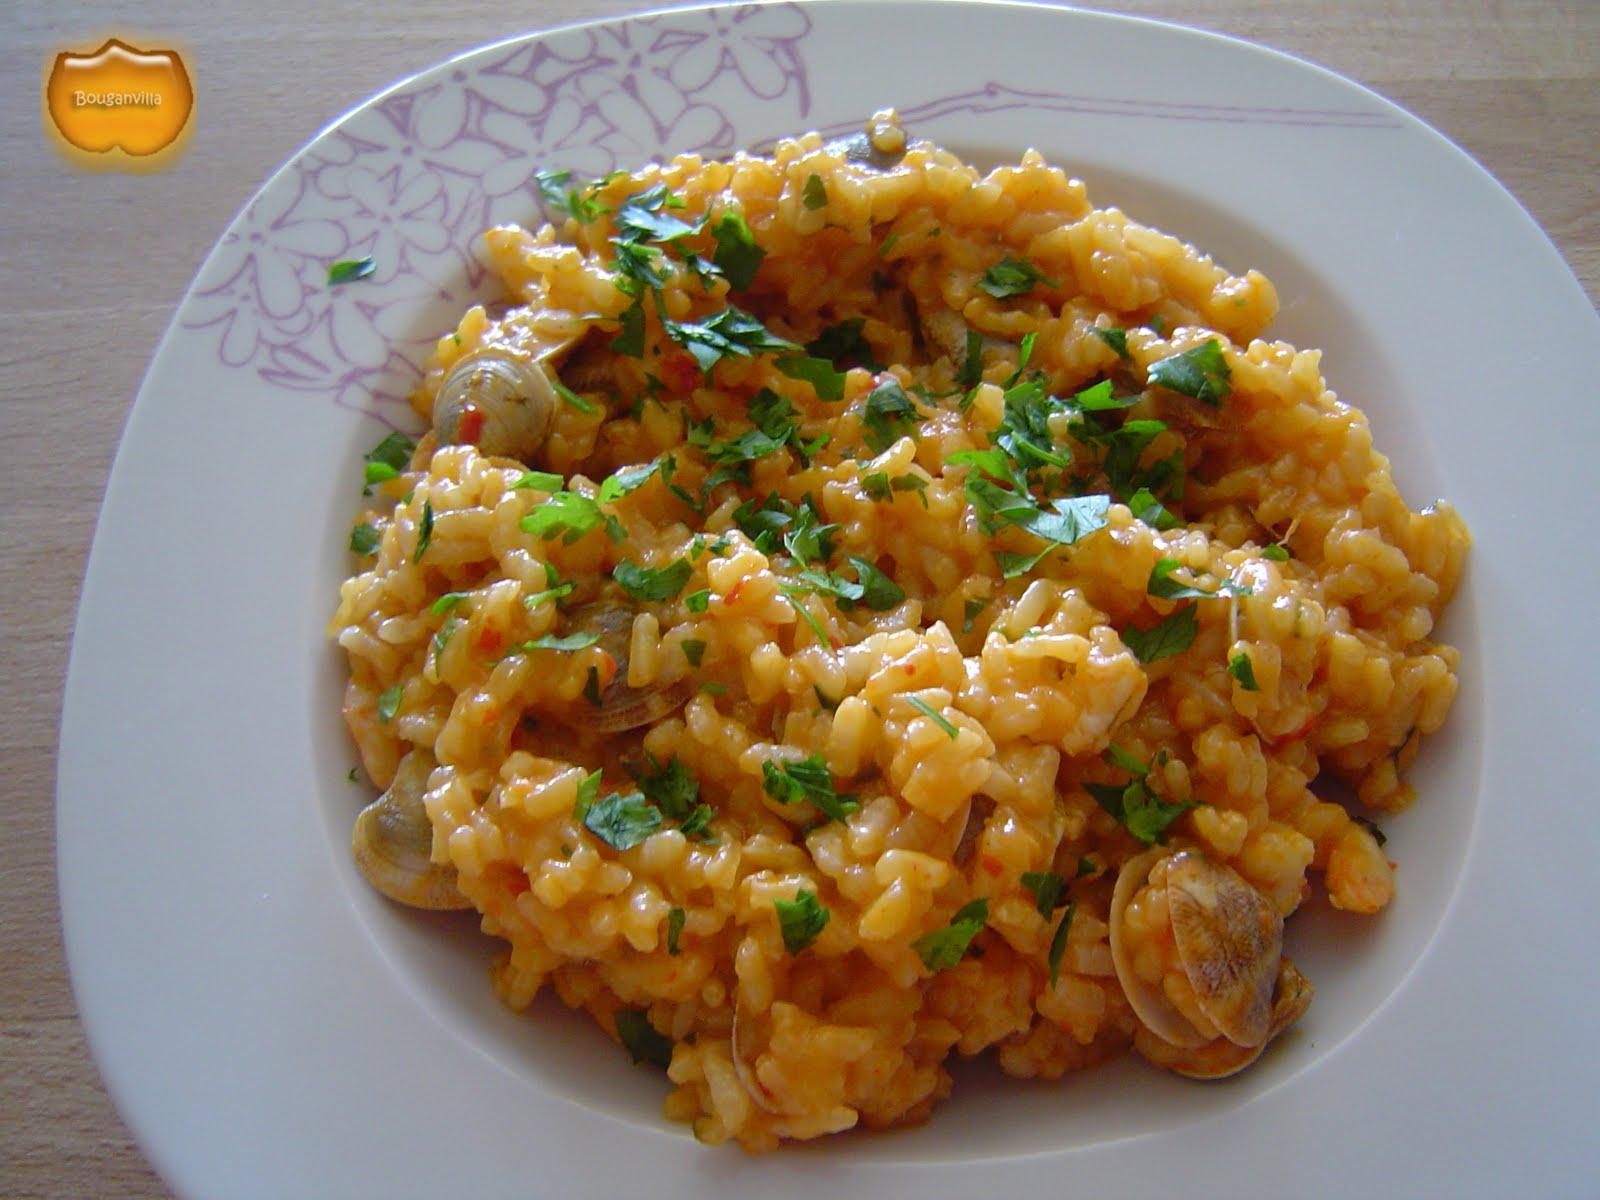 Los caprichos de la bouganvilla capricho 56 arroz - Arroz con gambas y almejas ...